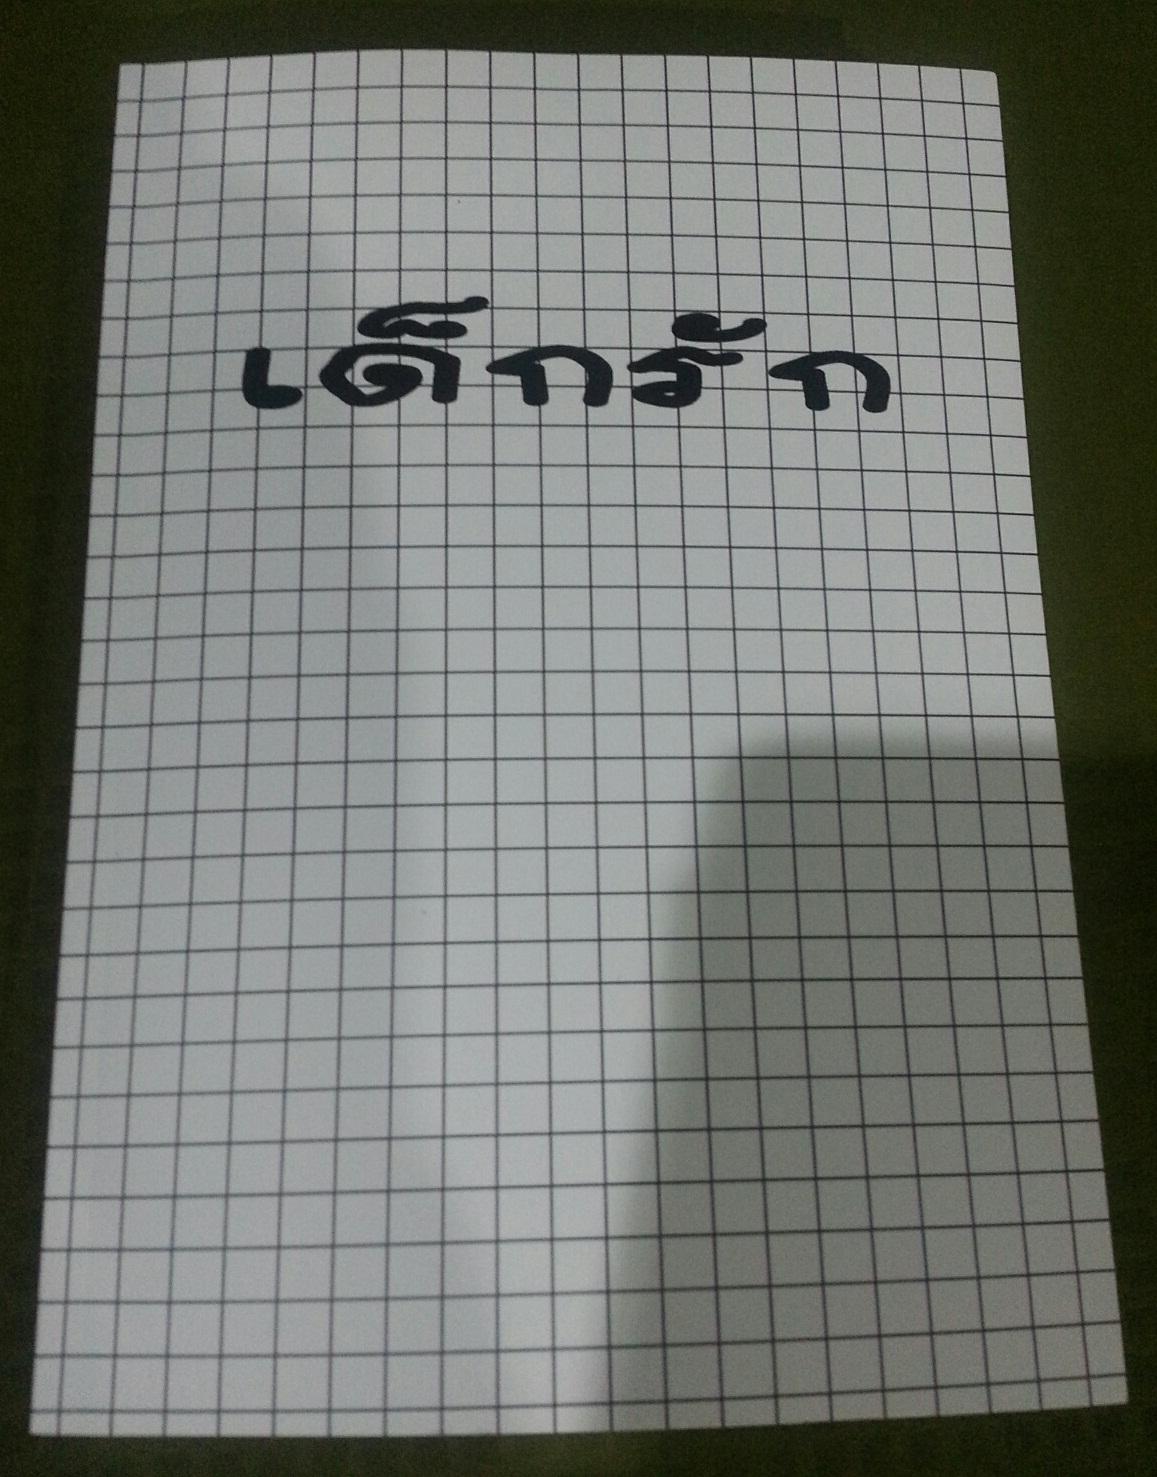 เด็กรัก (จั้มxใหม่) เล่ม 1 By จิมมี่ มัดจำ 350 ค่าเช่า 70 บาท